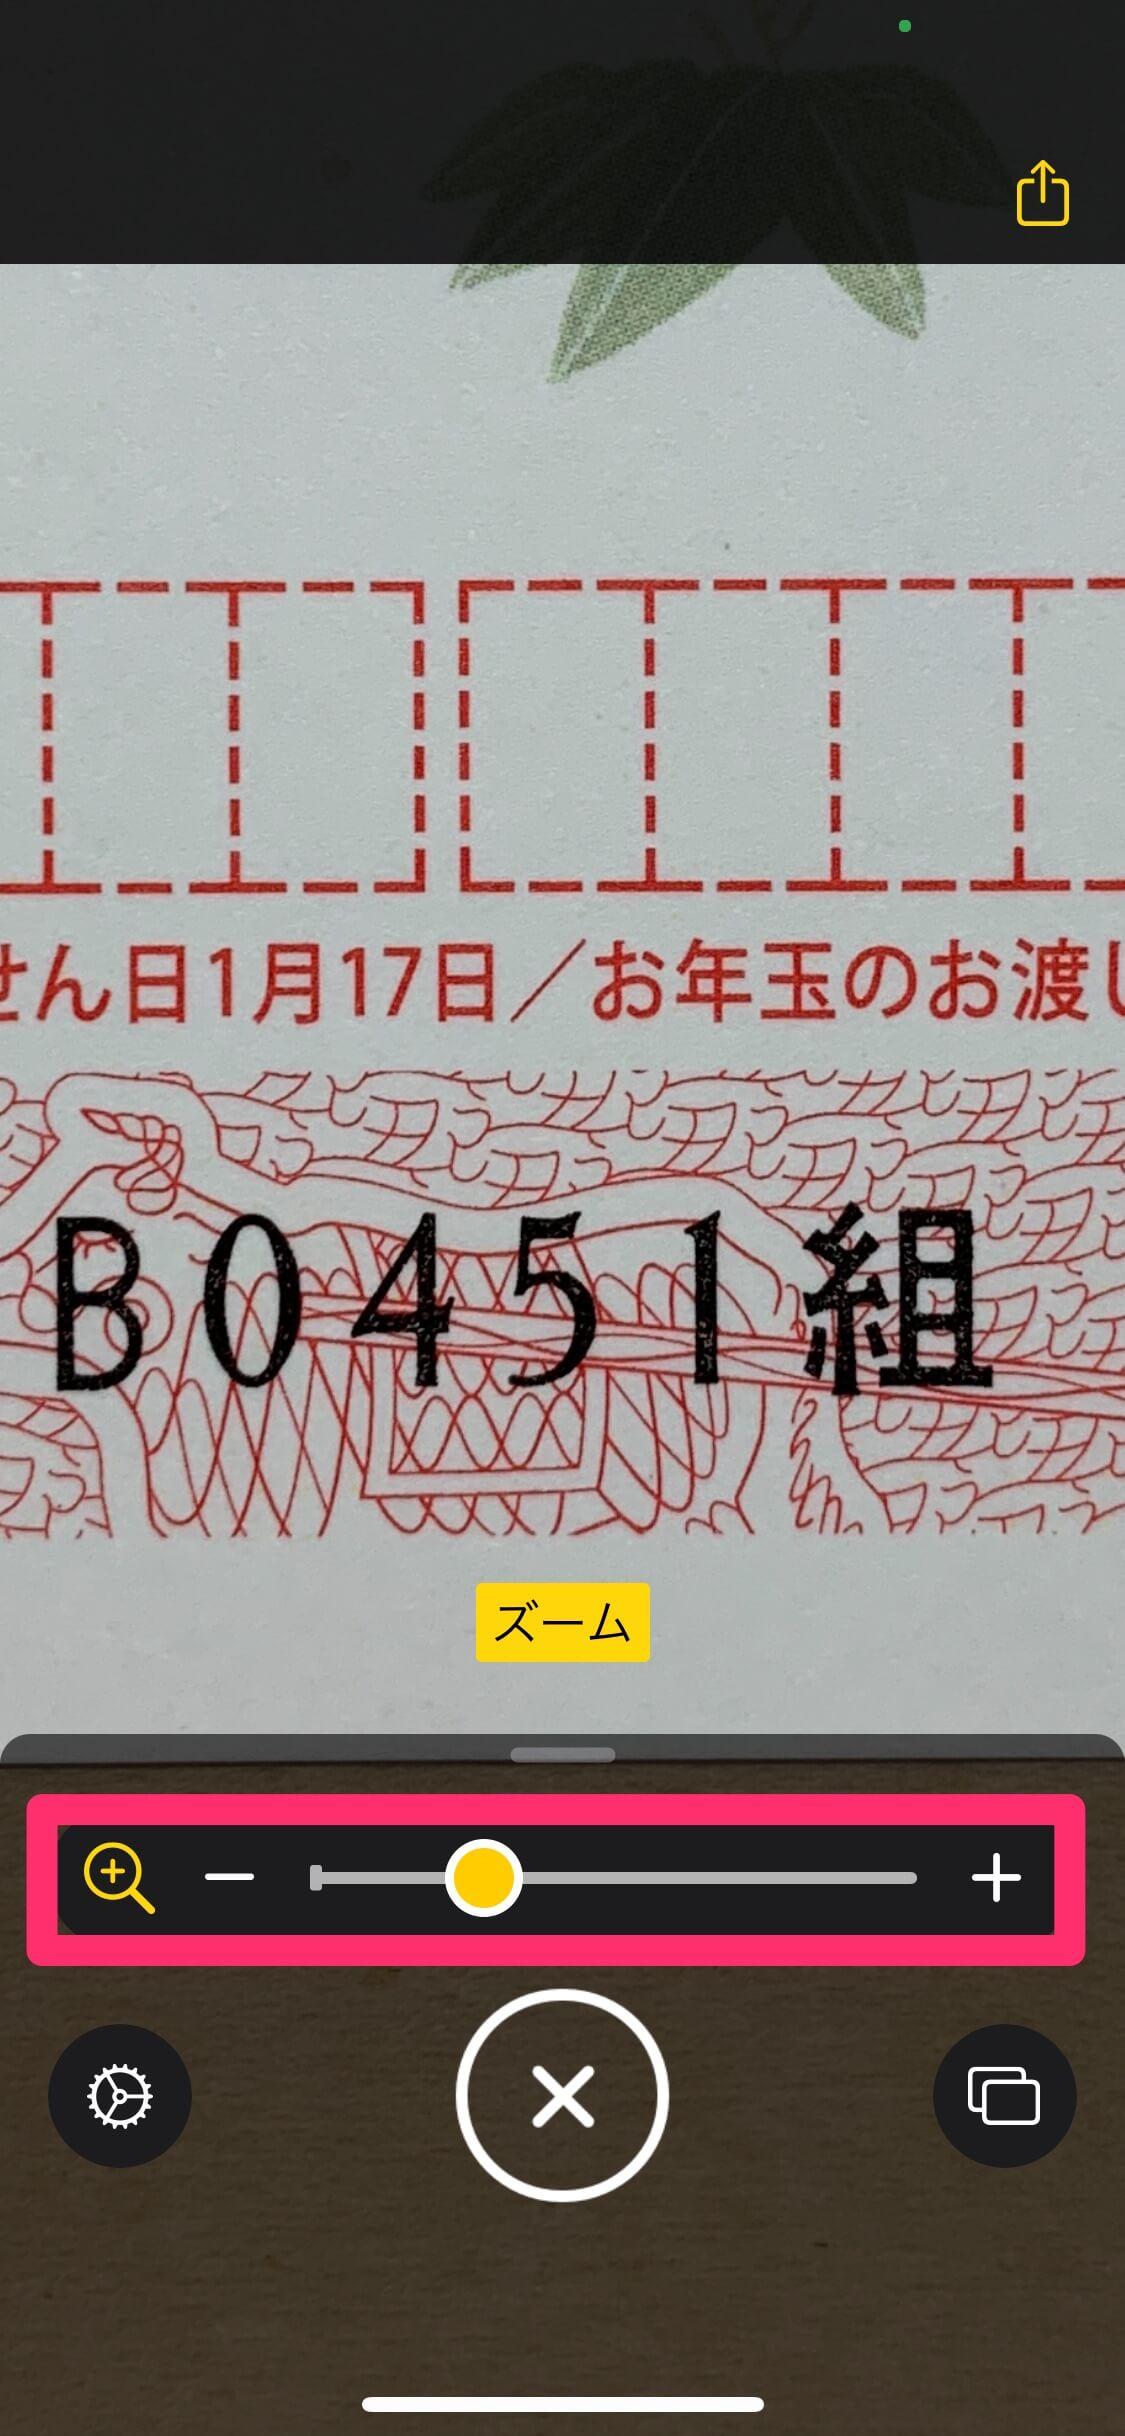 年賀状の当選番号と一緒に隠し文字もチェックしよう【2020年子年版】